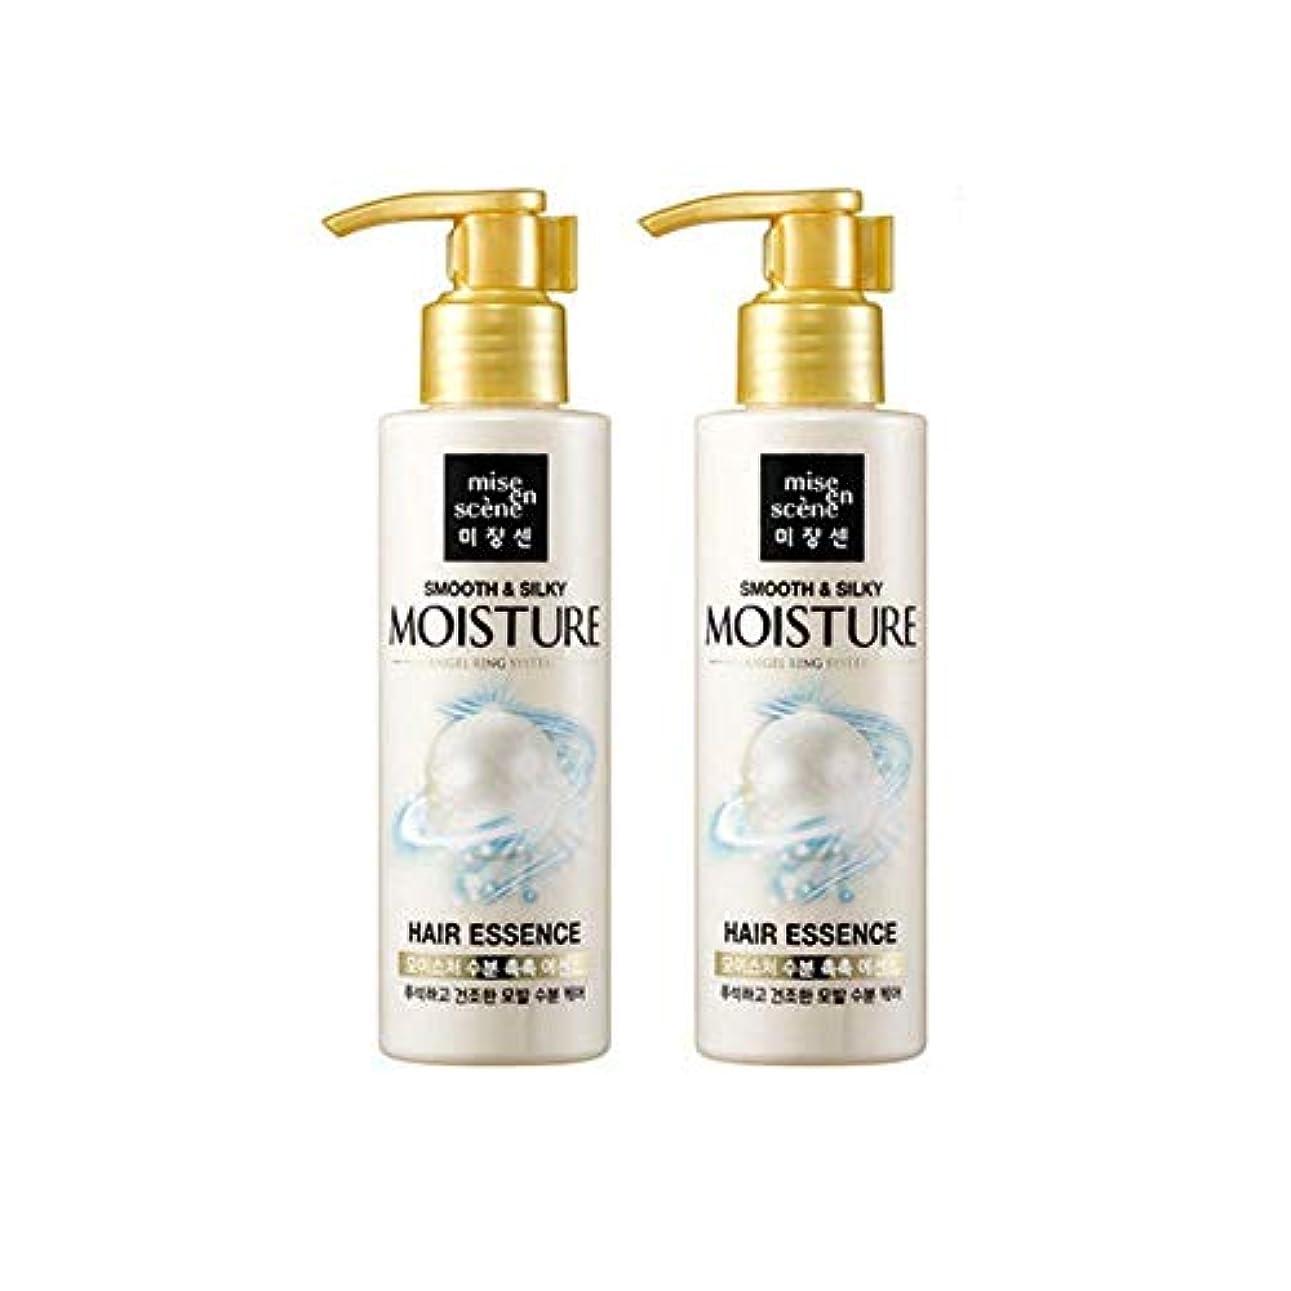 成分一口たらい[miseenscene] 1+1 ミジャンセン スムース&シルキー モイスチャー ヘアエッセンス 髪の美容液 140ml×2本(smooth&silky moisture hair essence 140ml×2)